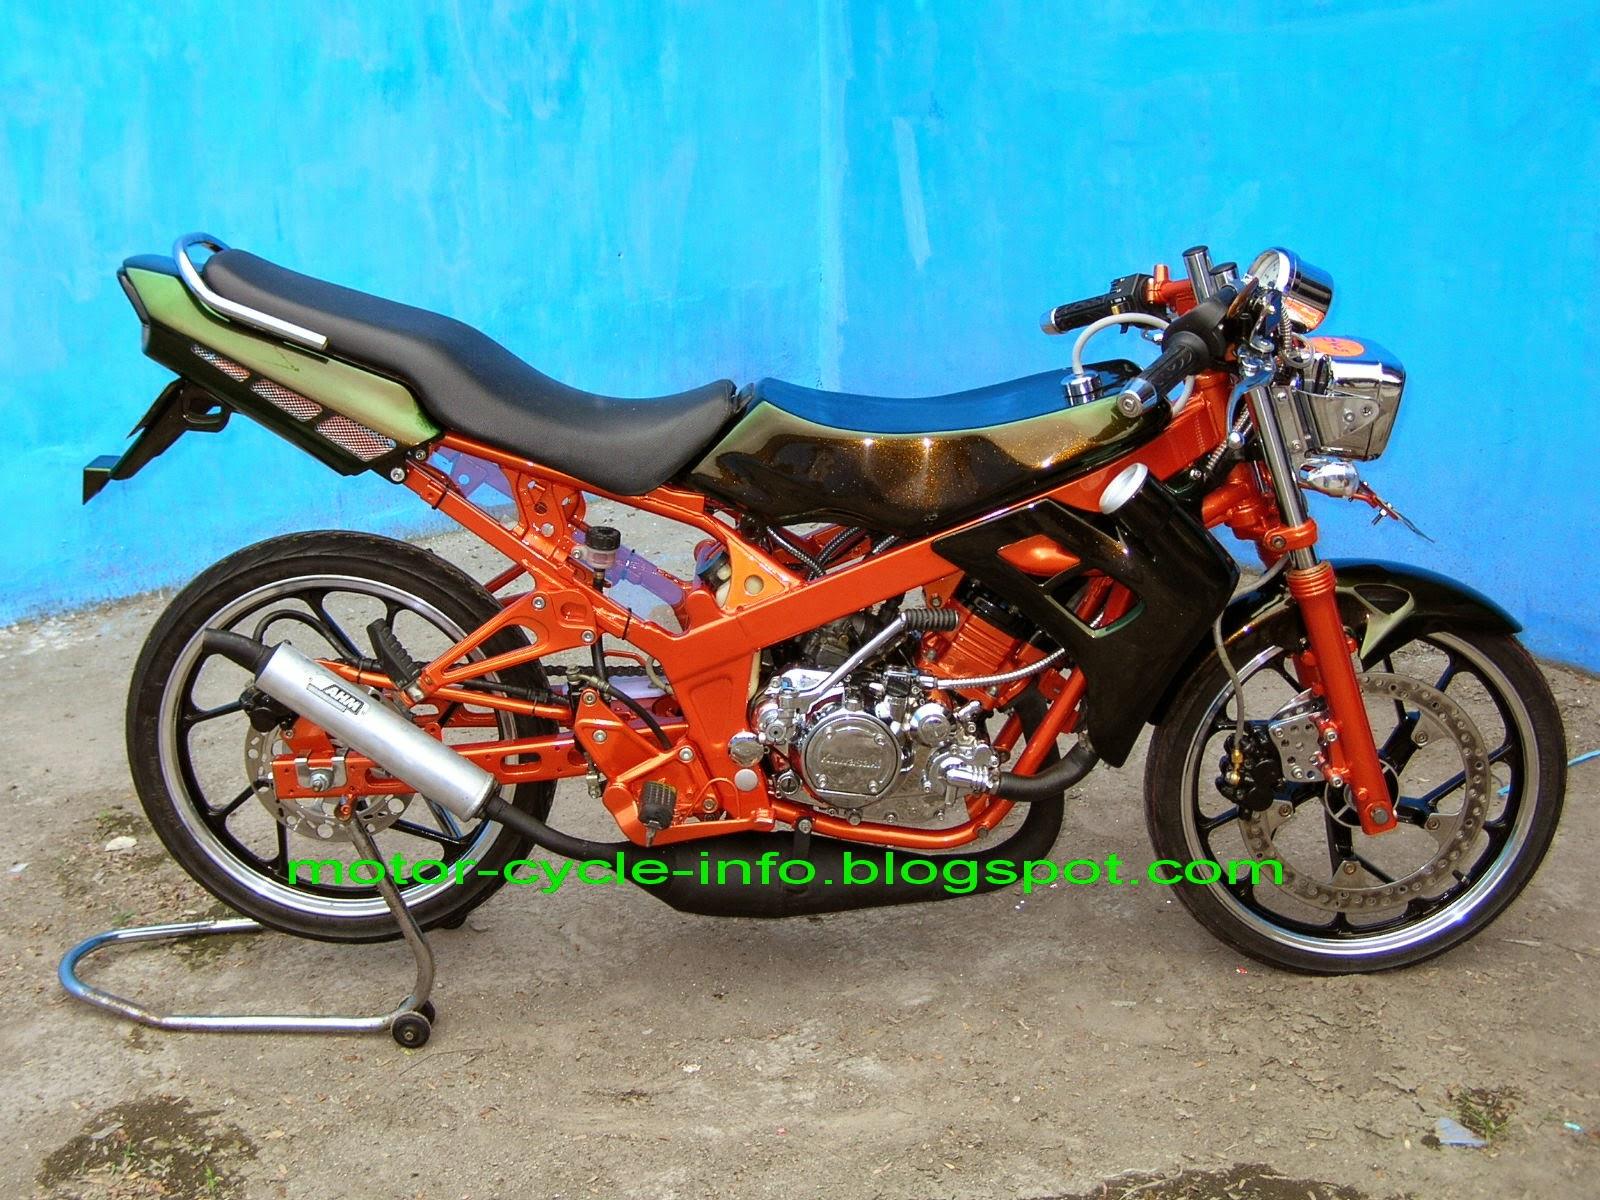 Koleksi Foto Modifikasi Motor Blade Repsol Terlengkap Gubuk Modifikasi